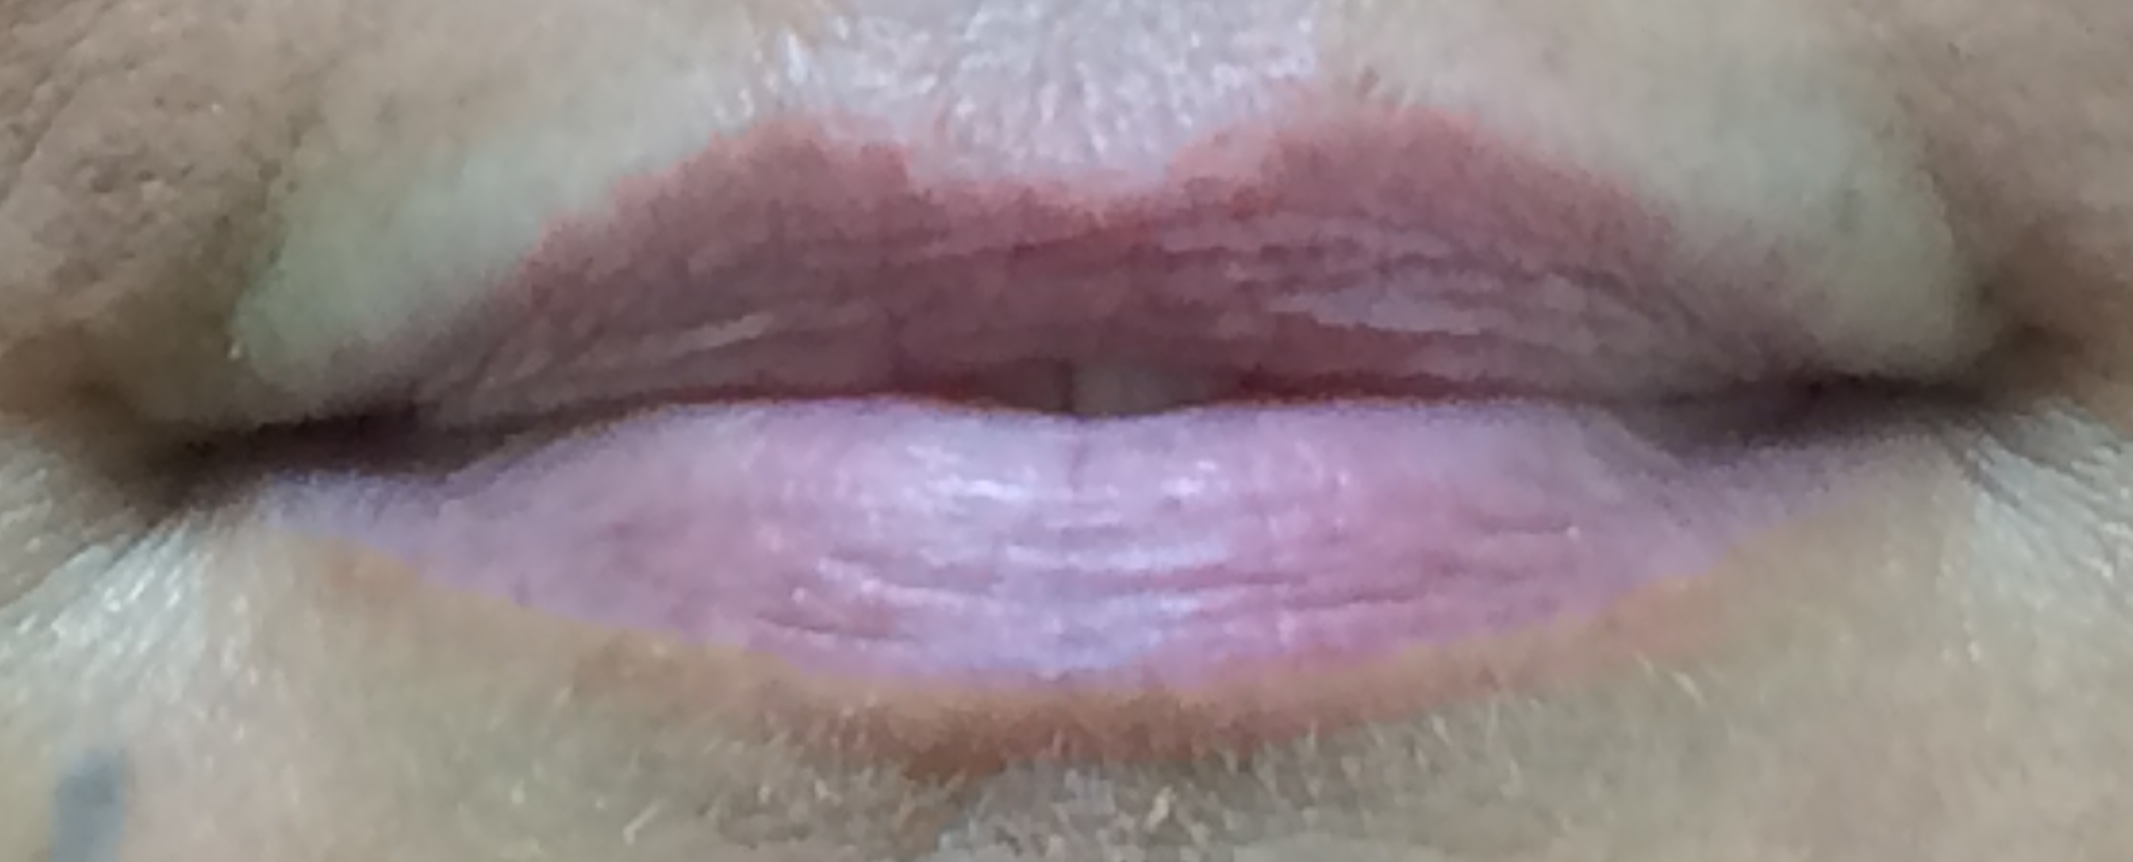 Lip 3 pre.JPG